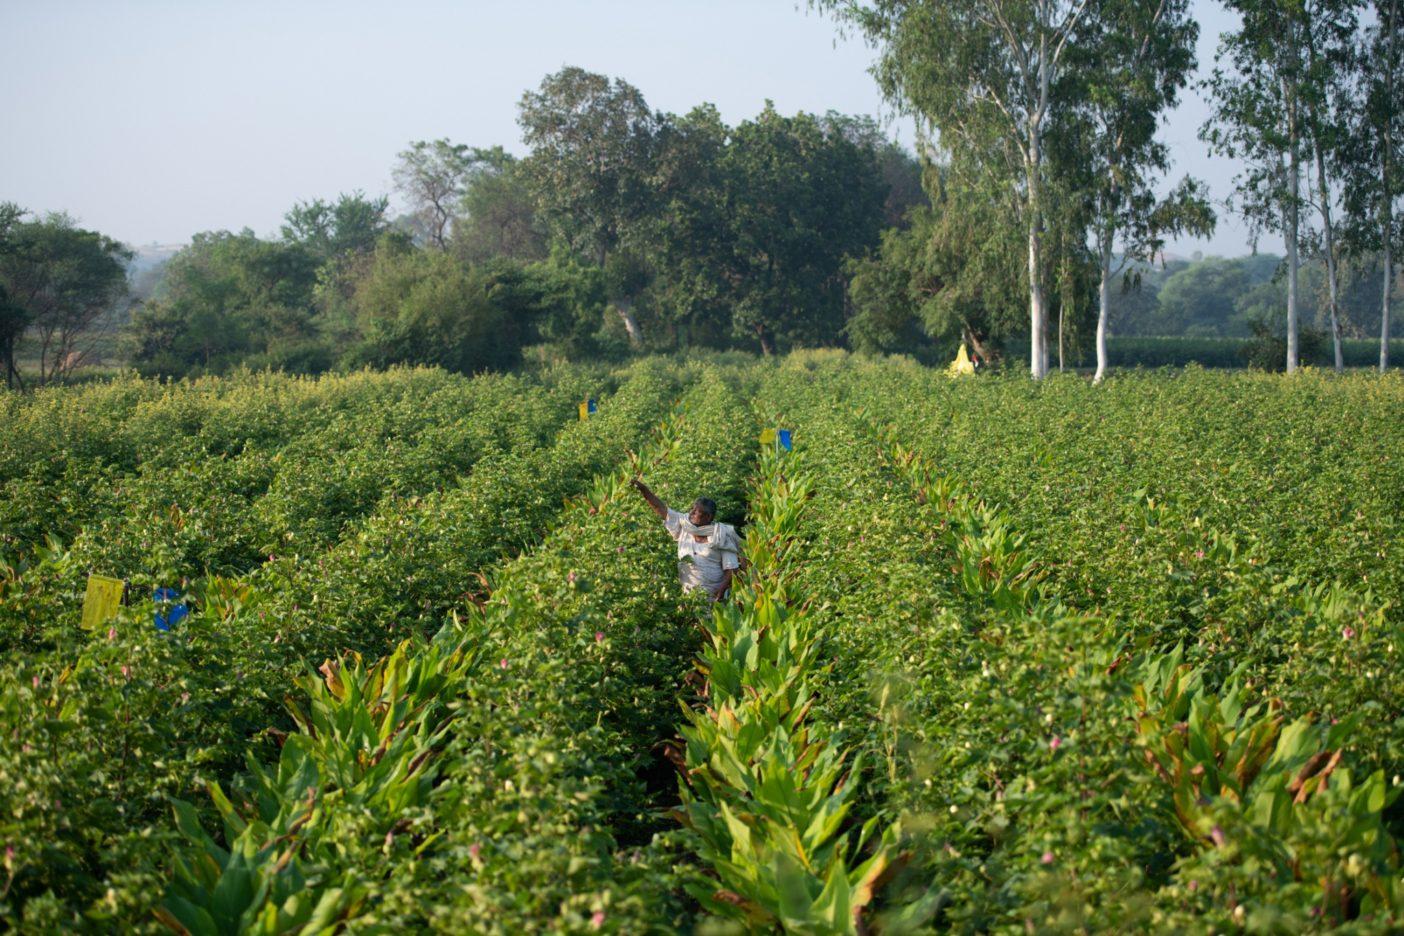 綿の木とそのあいだに植えられたウコンや唐辛子の世話をするミングラシン・デーヴァ・シンガッド。こうした間作物は収入の足しにもなる。インド、サトゥルディ